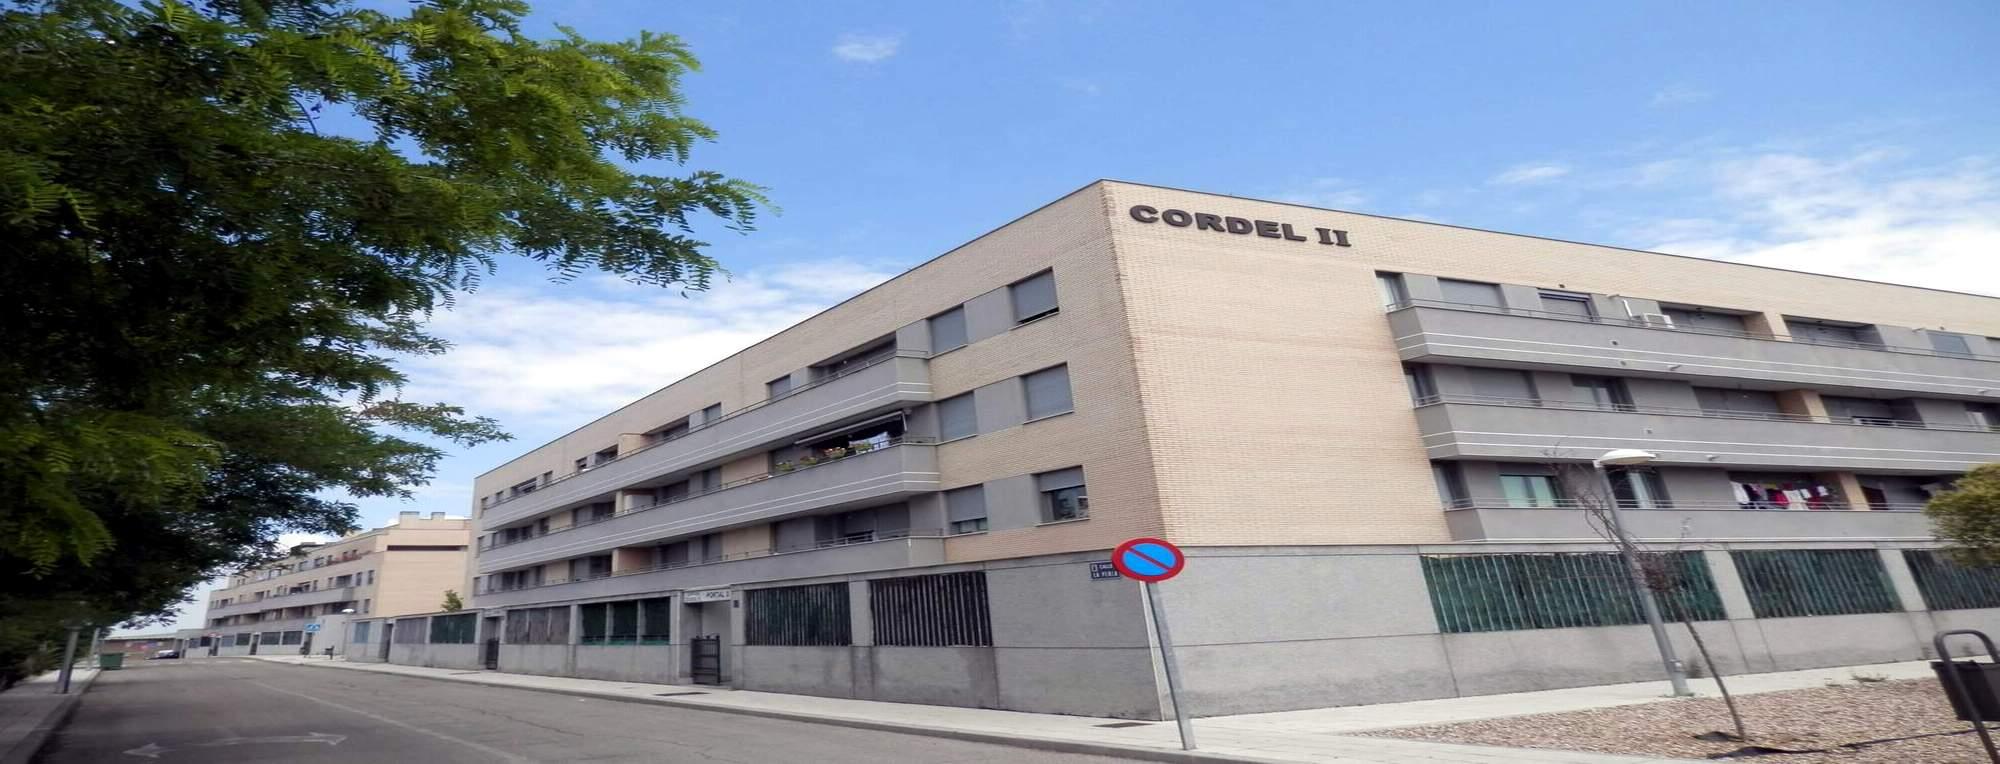 Piso Seminuevo Residencial El Cordel